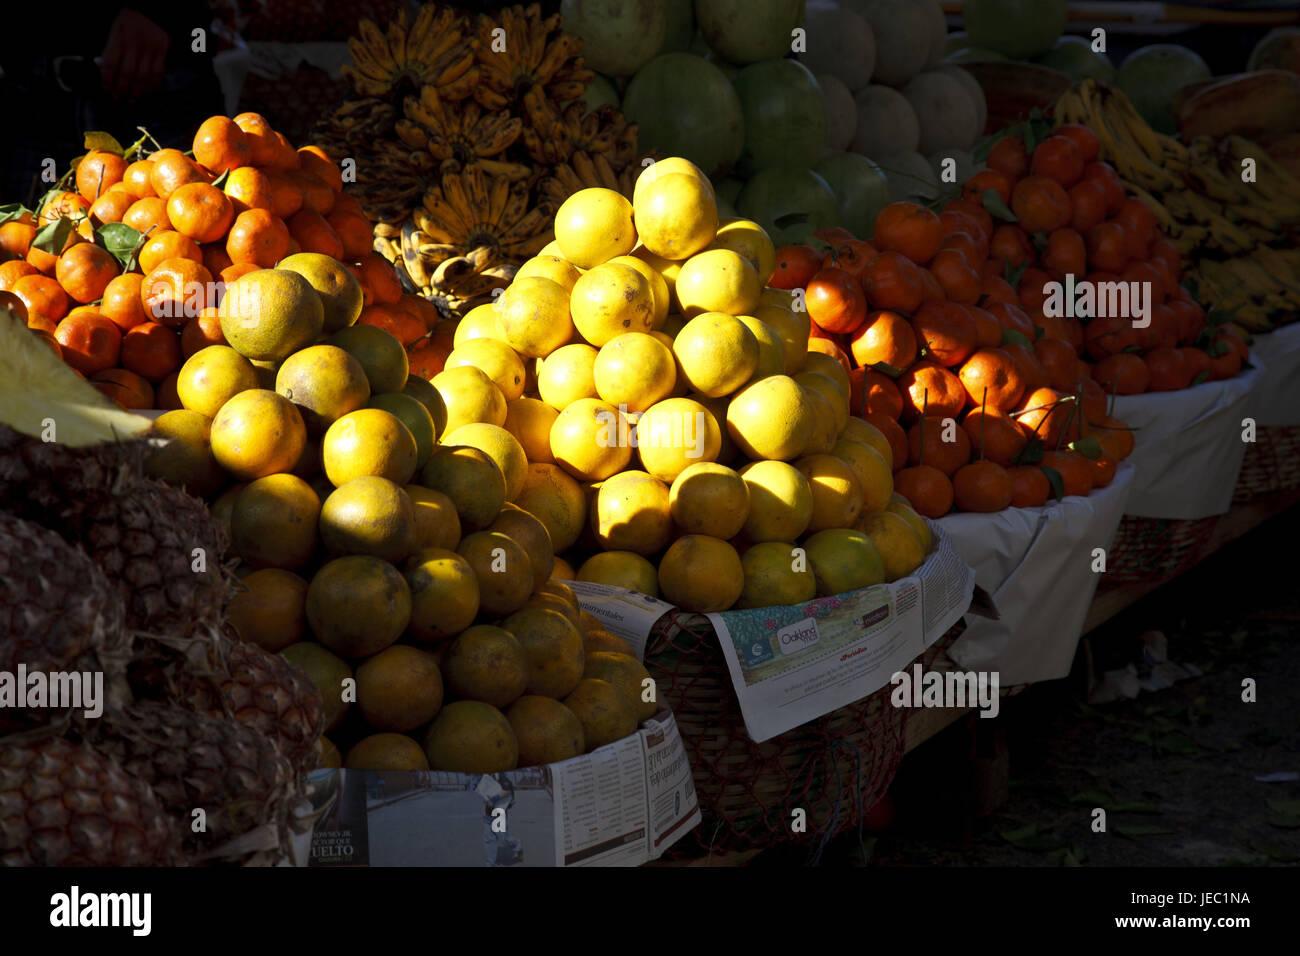 Guatemala, Solola, market, fruit, - Stock Image